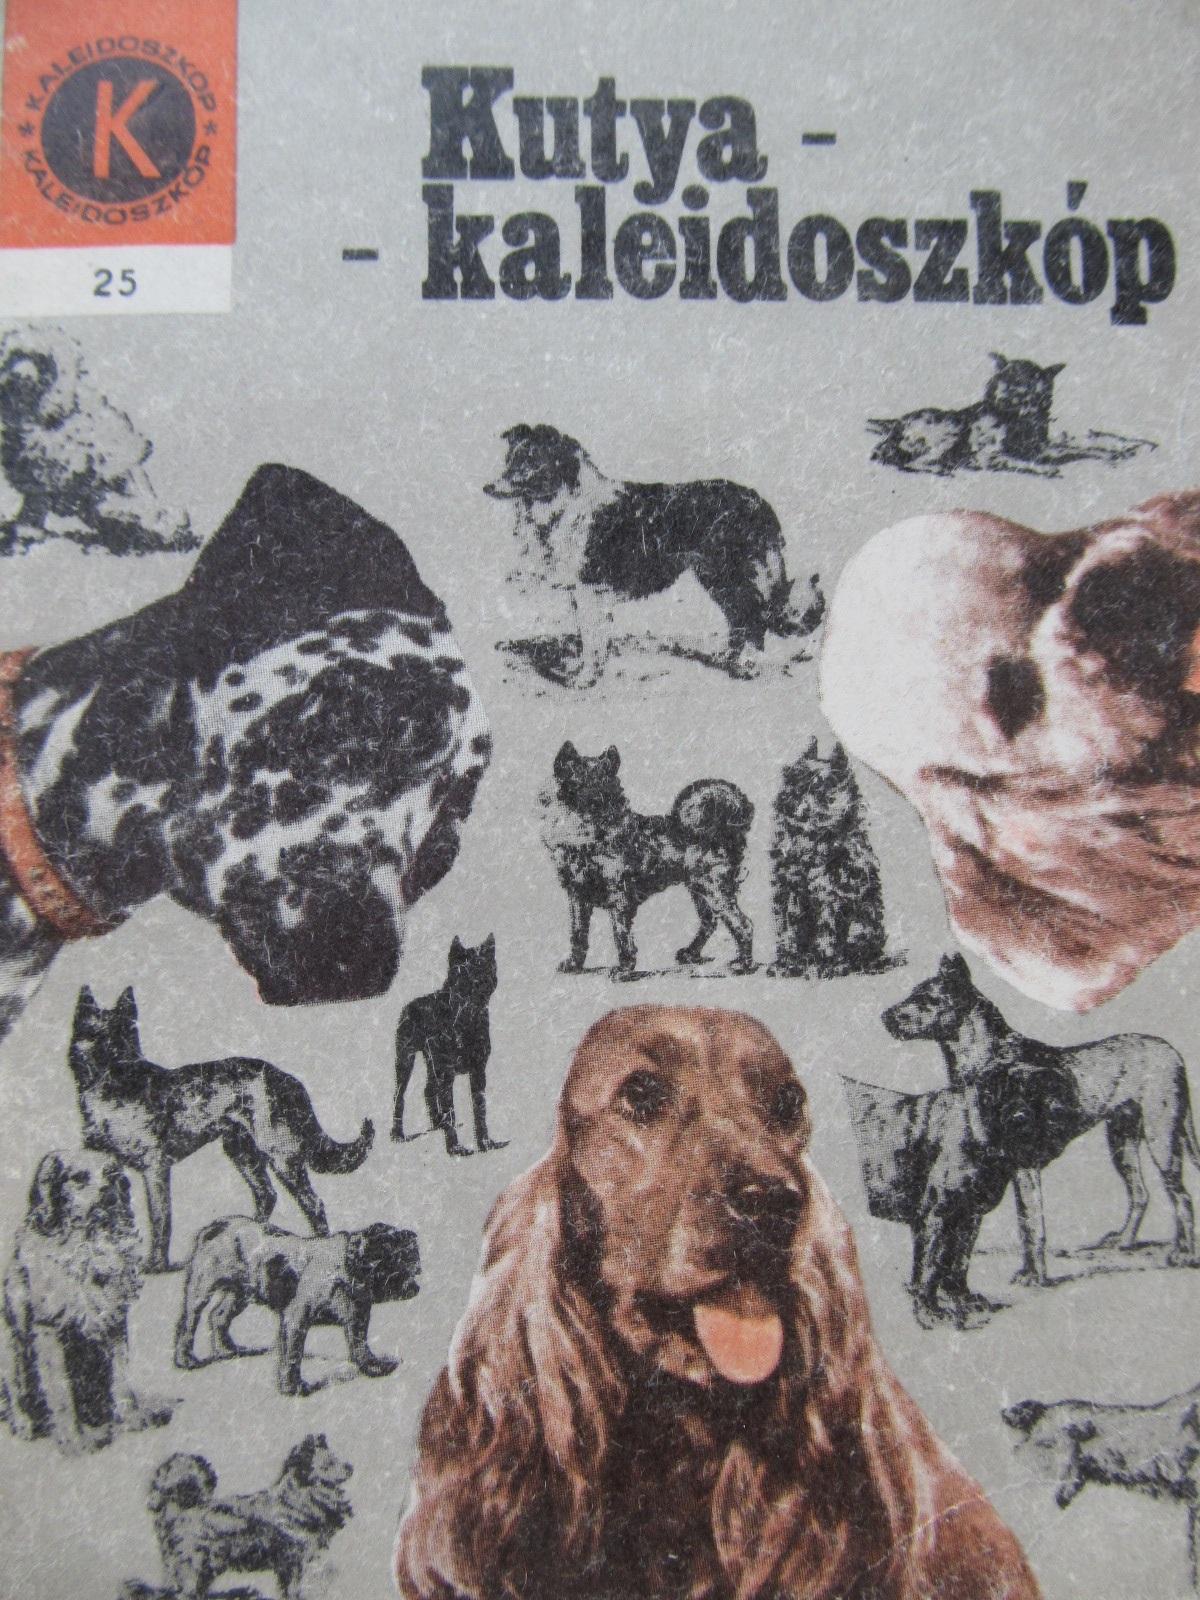 Kutya kaleidoszkop (25) - Bogdan Imre | Detalii carte